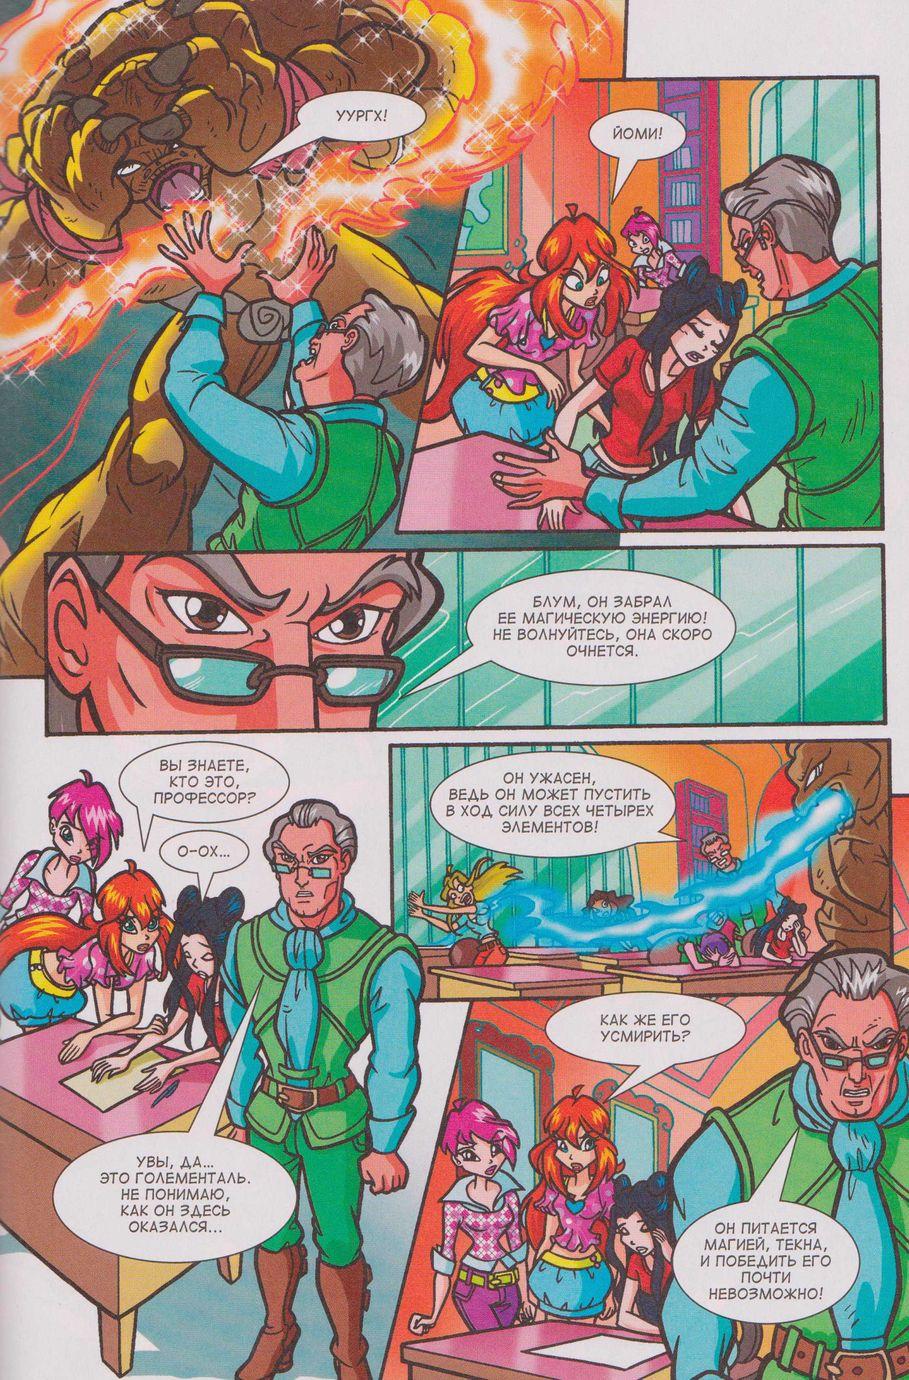 Комикс Винкс Winx - Лучшие диджеи Боб Синклер & Дэвид Гетта (Журнал Винкс №4 2012) - стр. 27